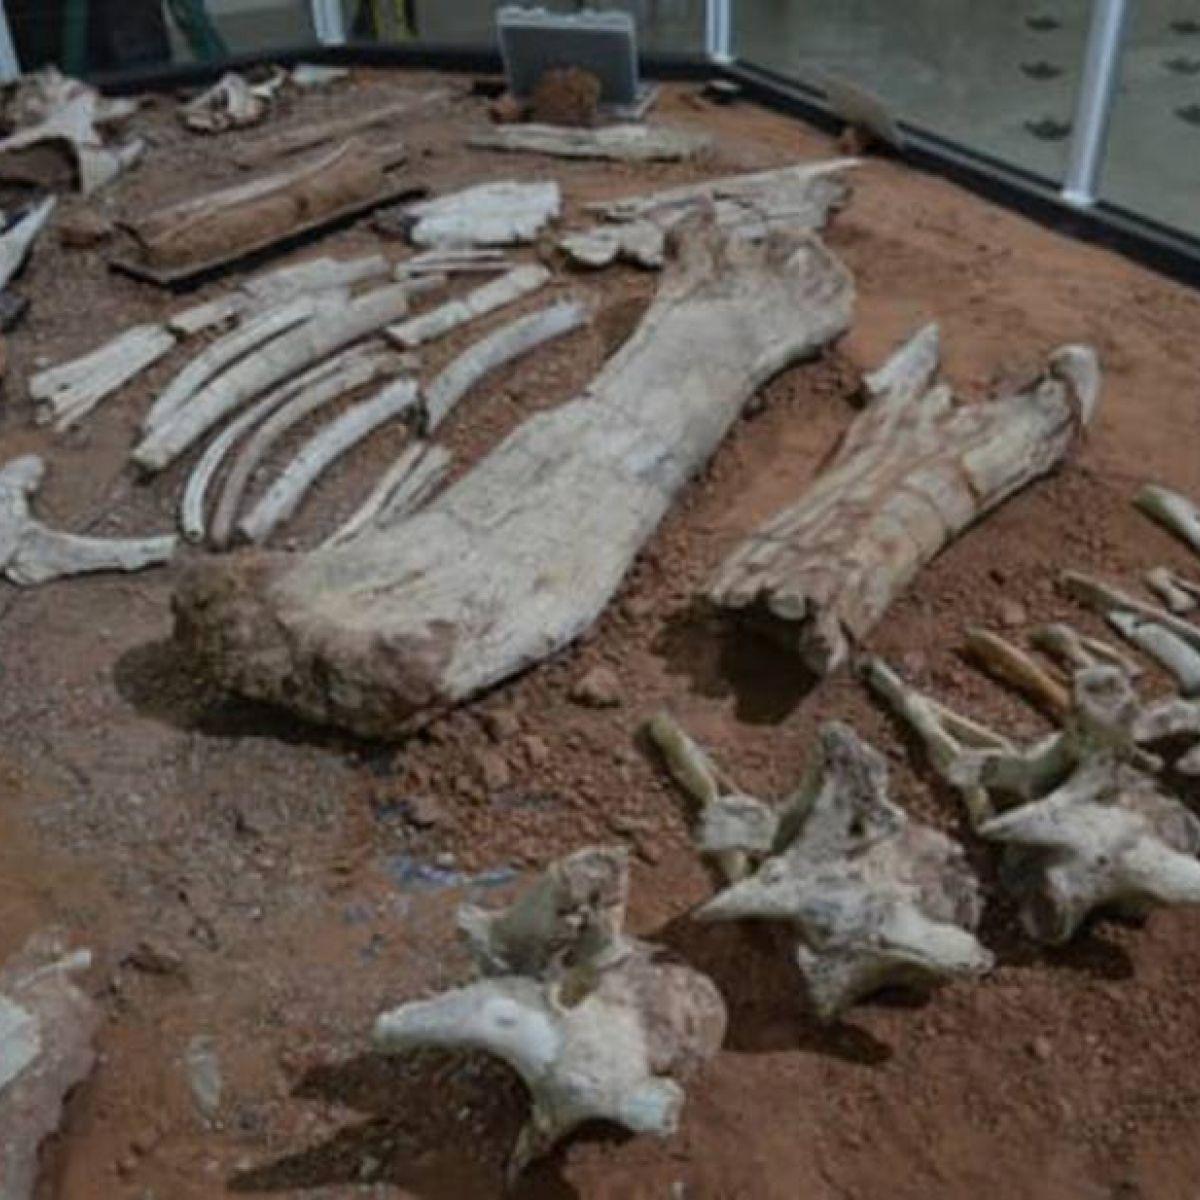 Fósseis achados há 24 anos em SP são de espécie inédita de dinossauro no Brasil - Divulgação